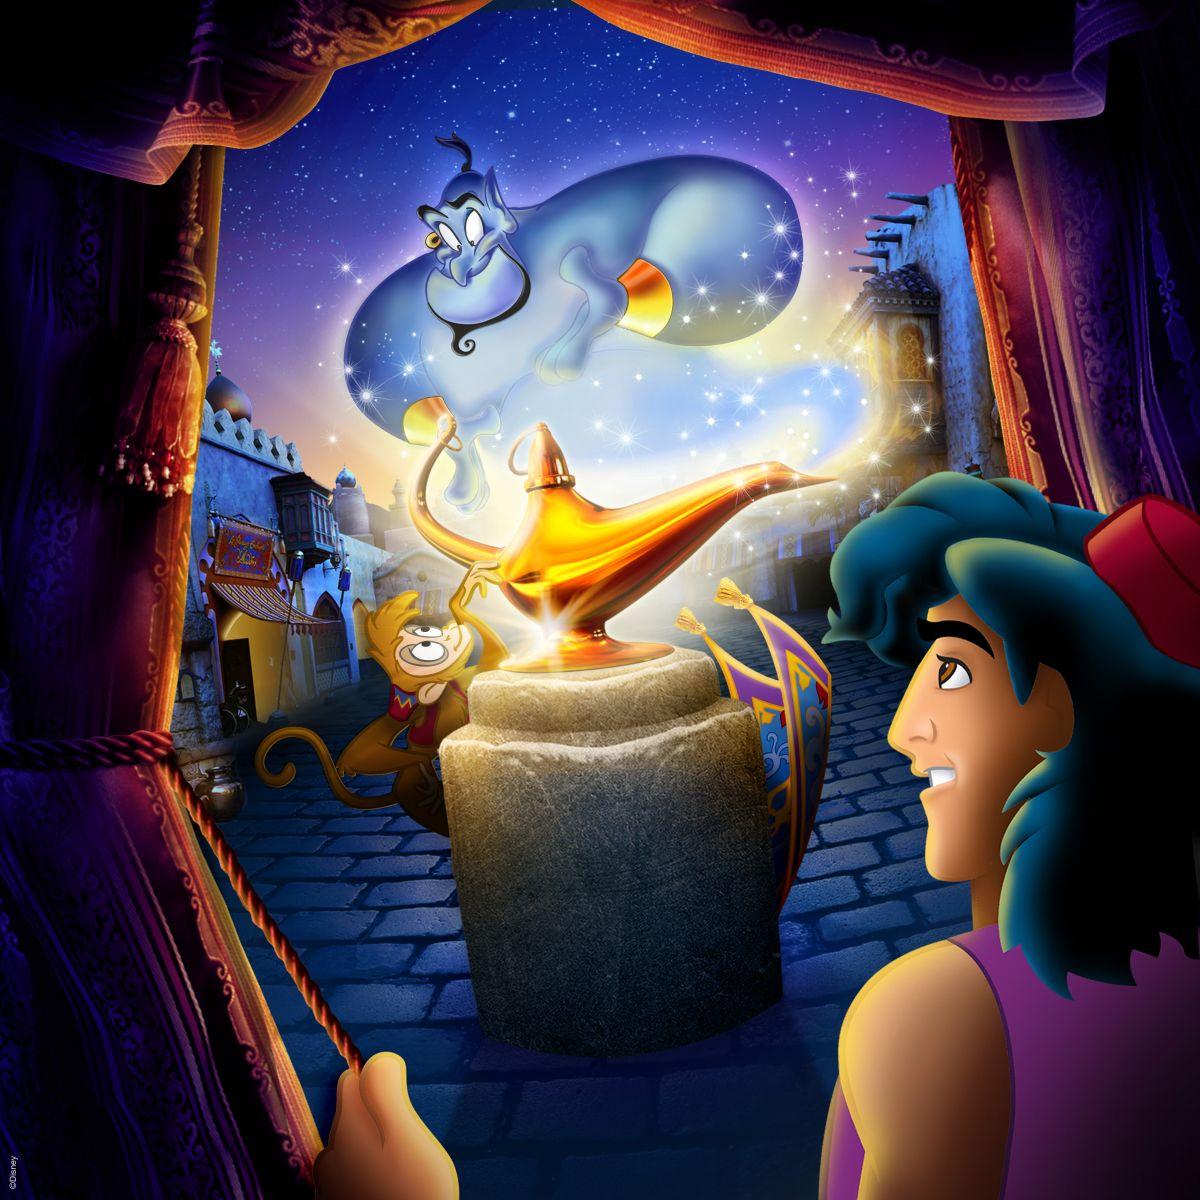 Aladdin a fait lobjet de deux suites : Le Retour de Jafar (1994) et Aladdin et le Roi des voleurs (1996).